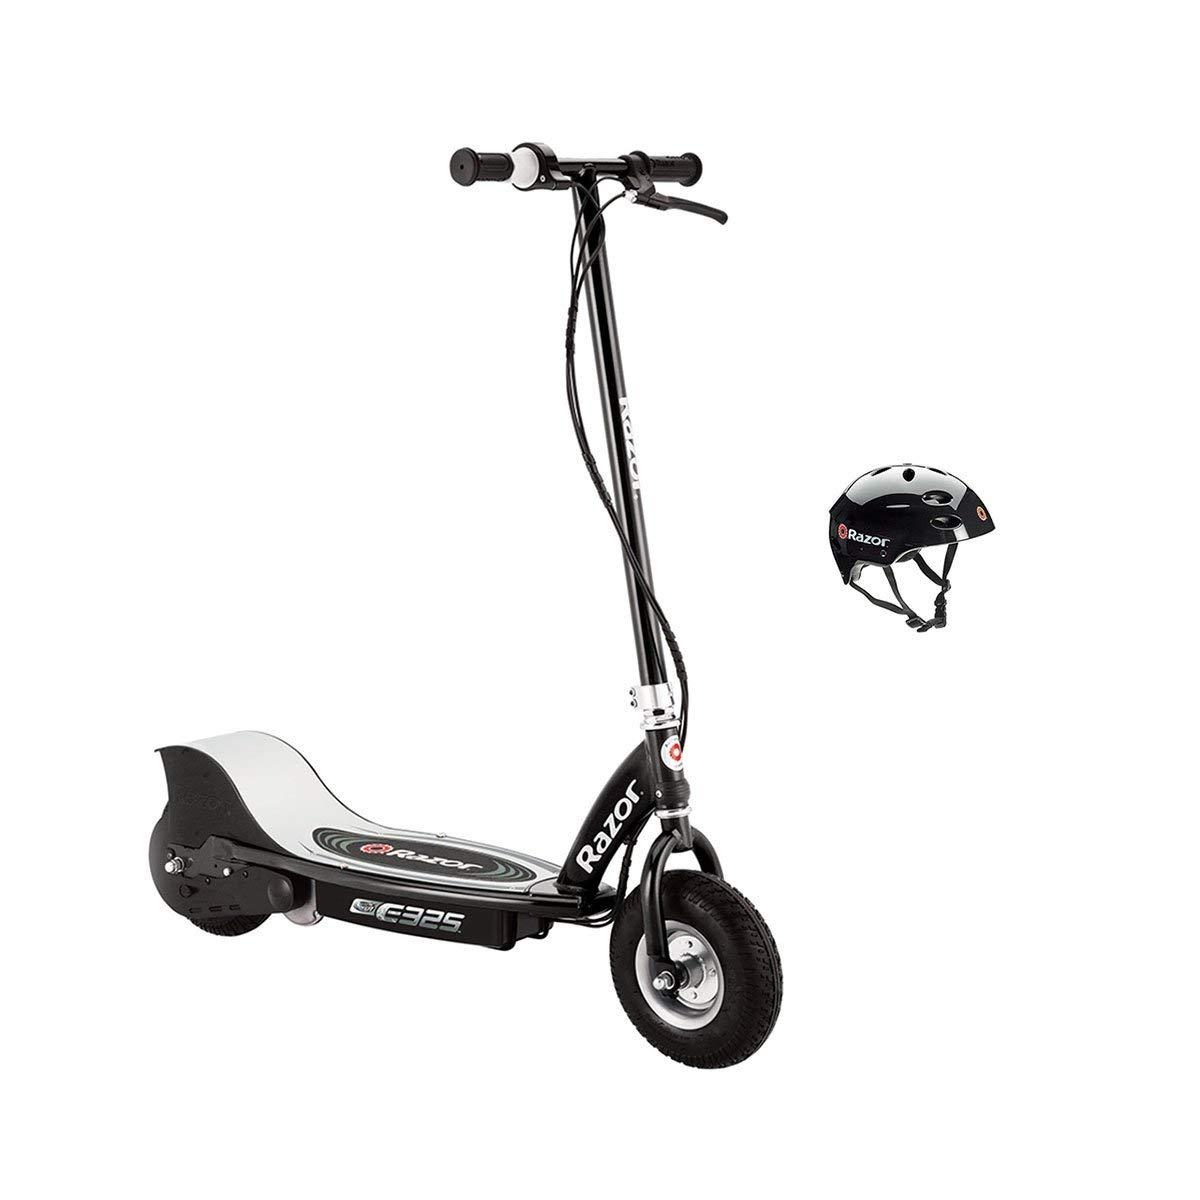 Cheap Razor E325 Electric Scooter Find Razor E325 Electric Scooter